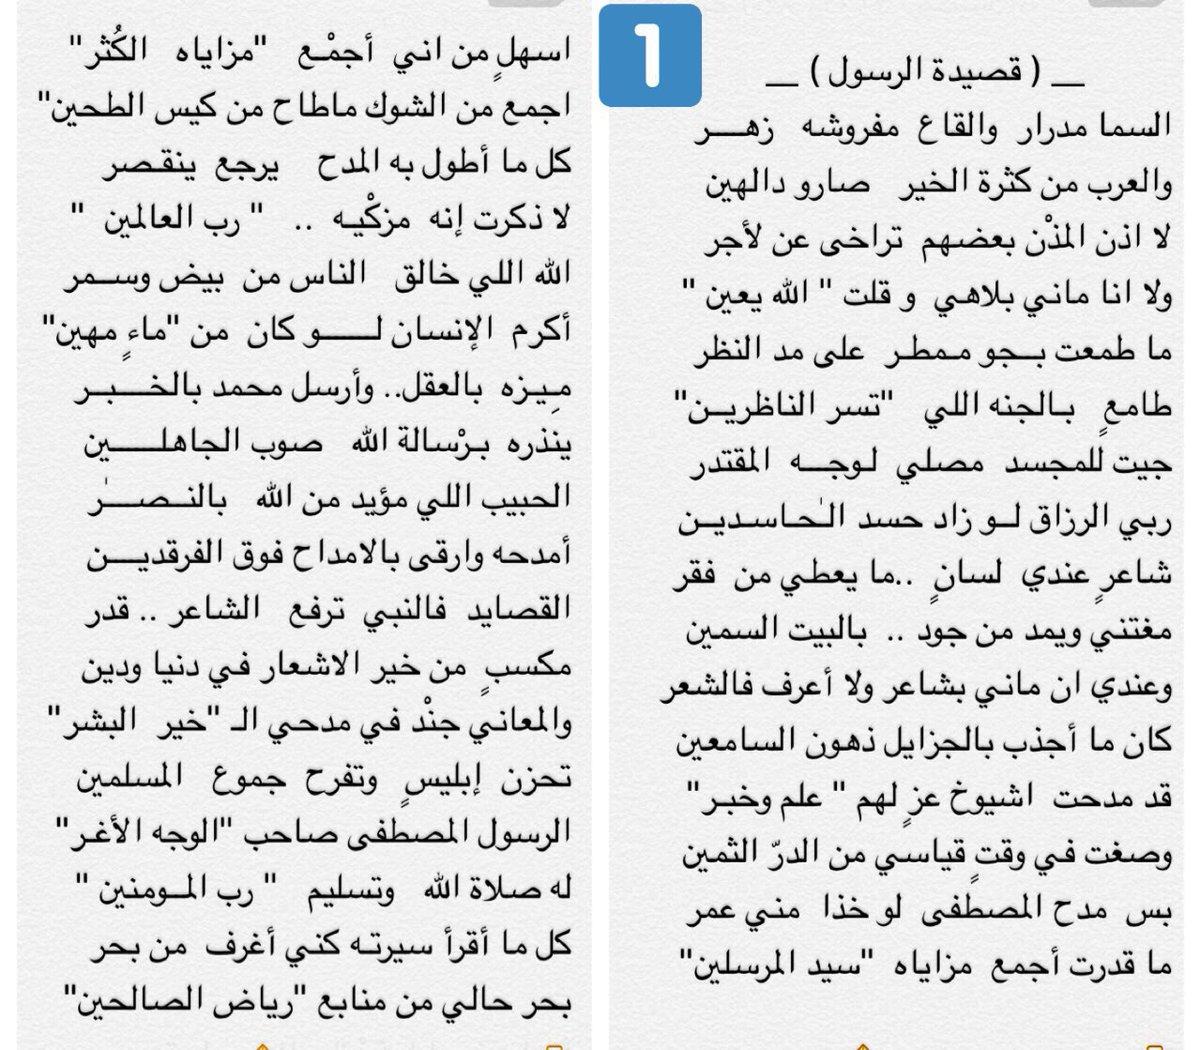 مدح شعر عن النبي محمد